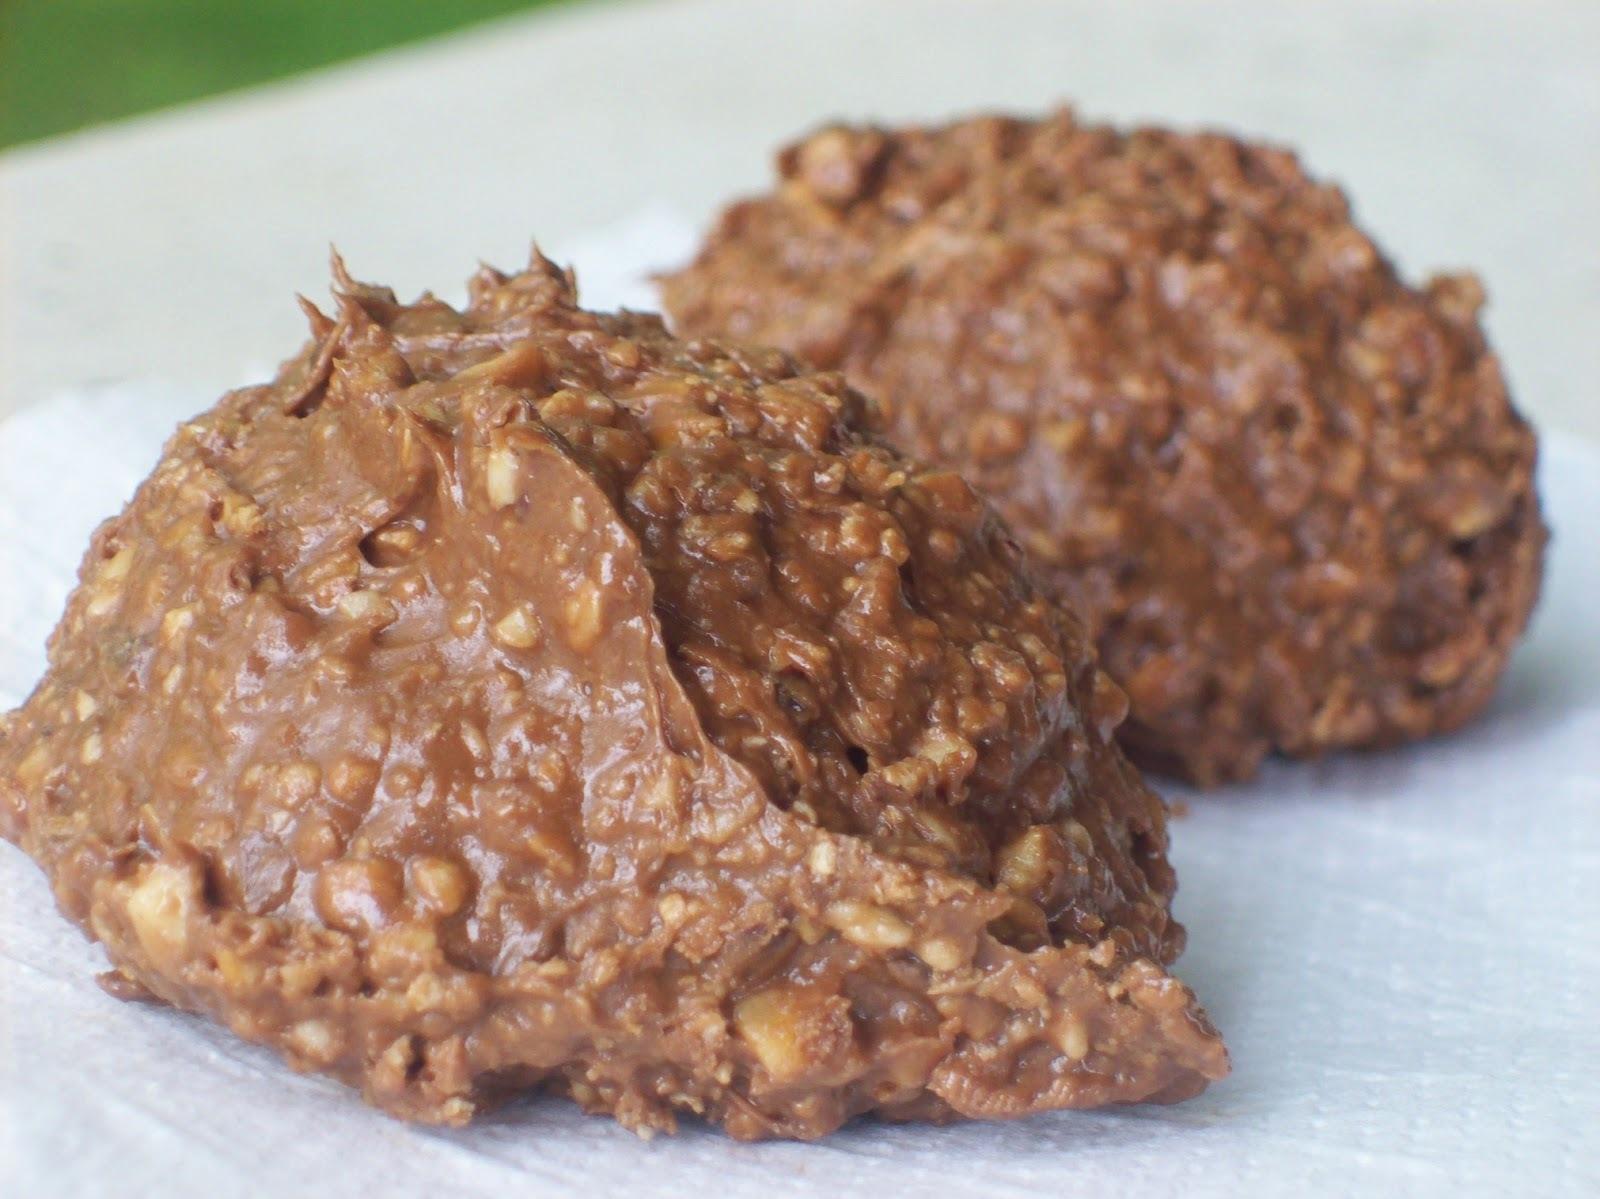 Γρήγορα σοκολατάκια με φουντούκια